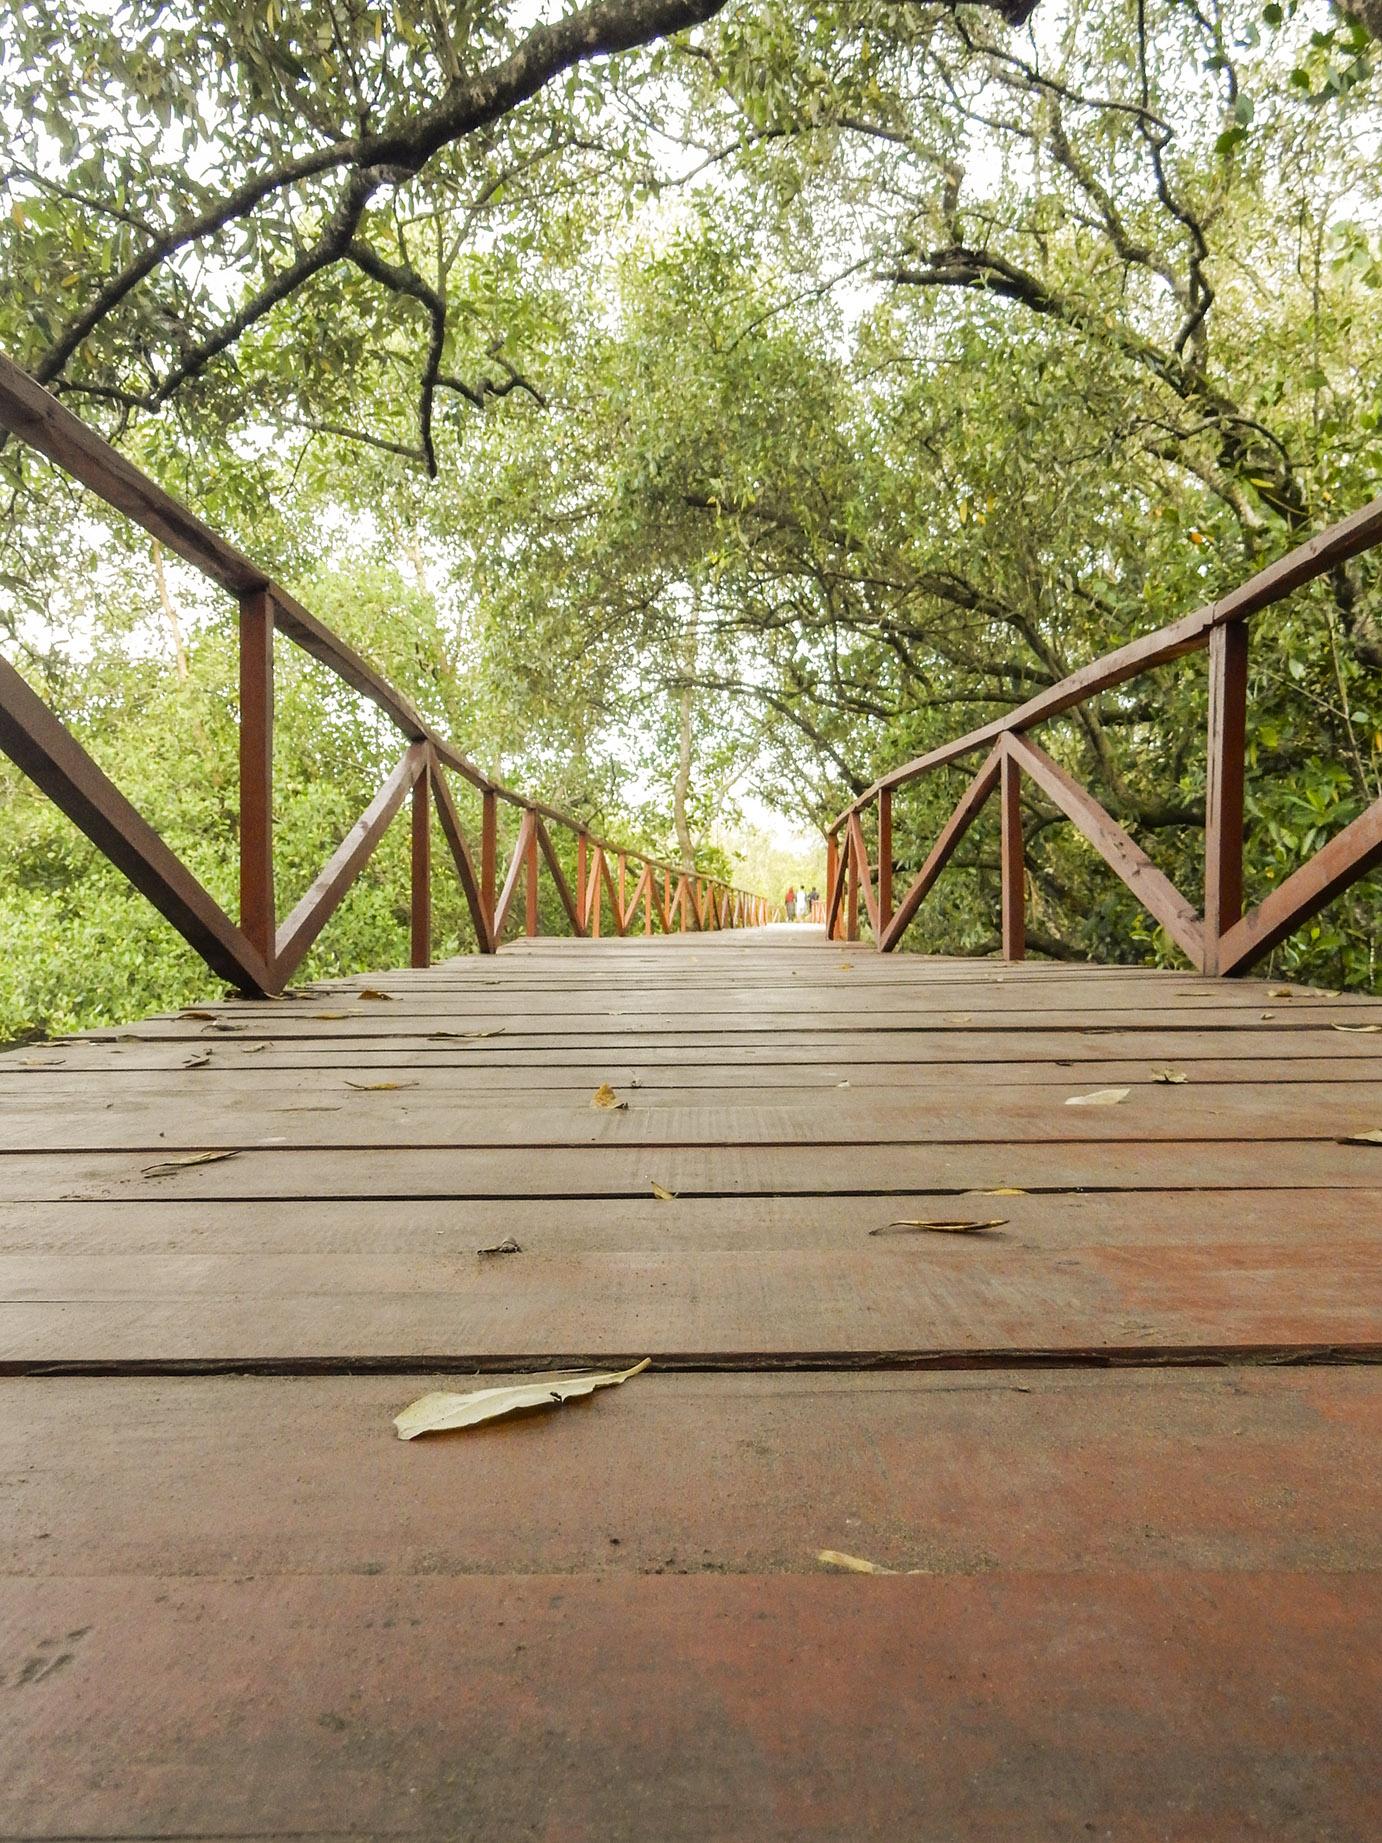 Selamat datang di mangrove bridge, batukaras